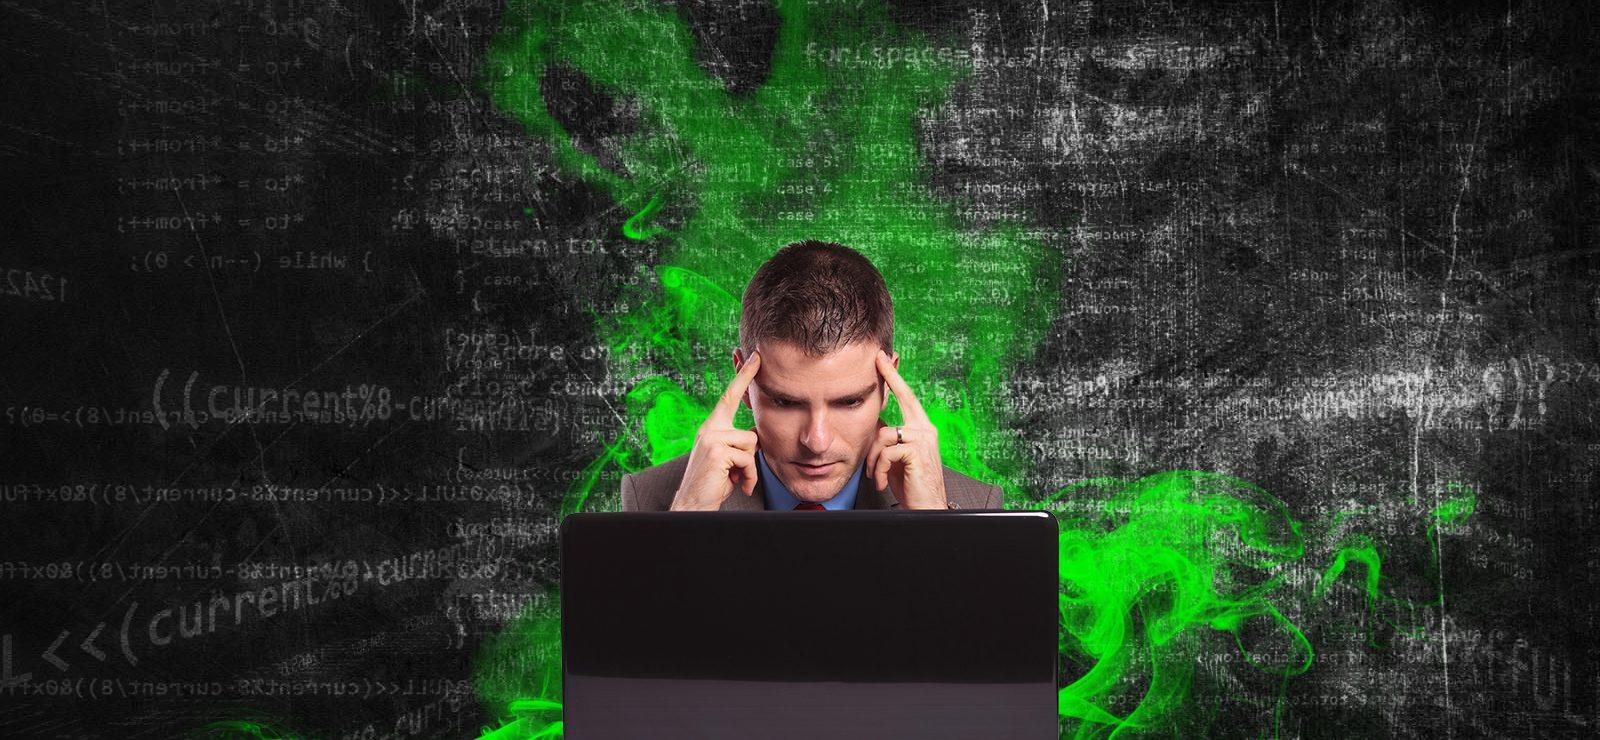 Horror programisty – przypadek prawdziwy i bohatersko wygrany po boju straszliwym, czyli PrestaShop i dziurawe moduły